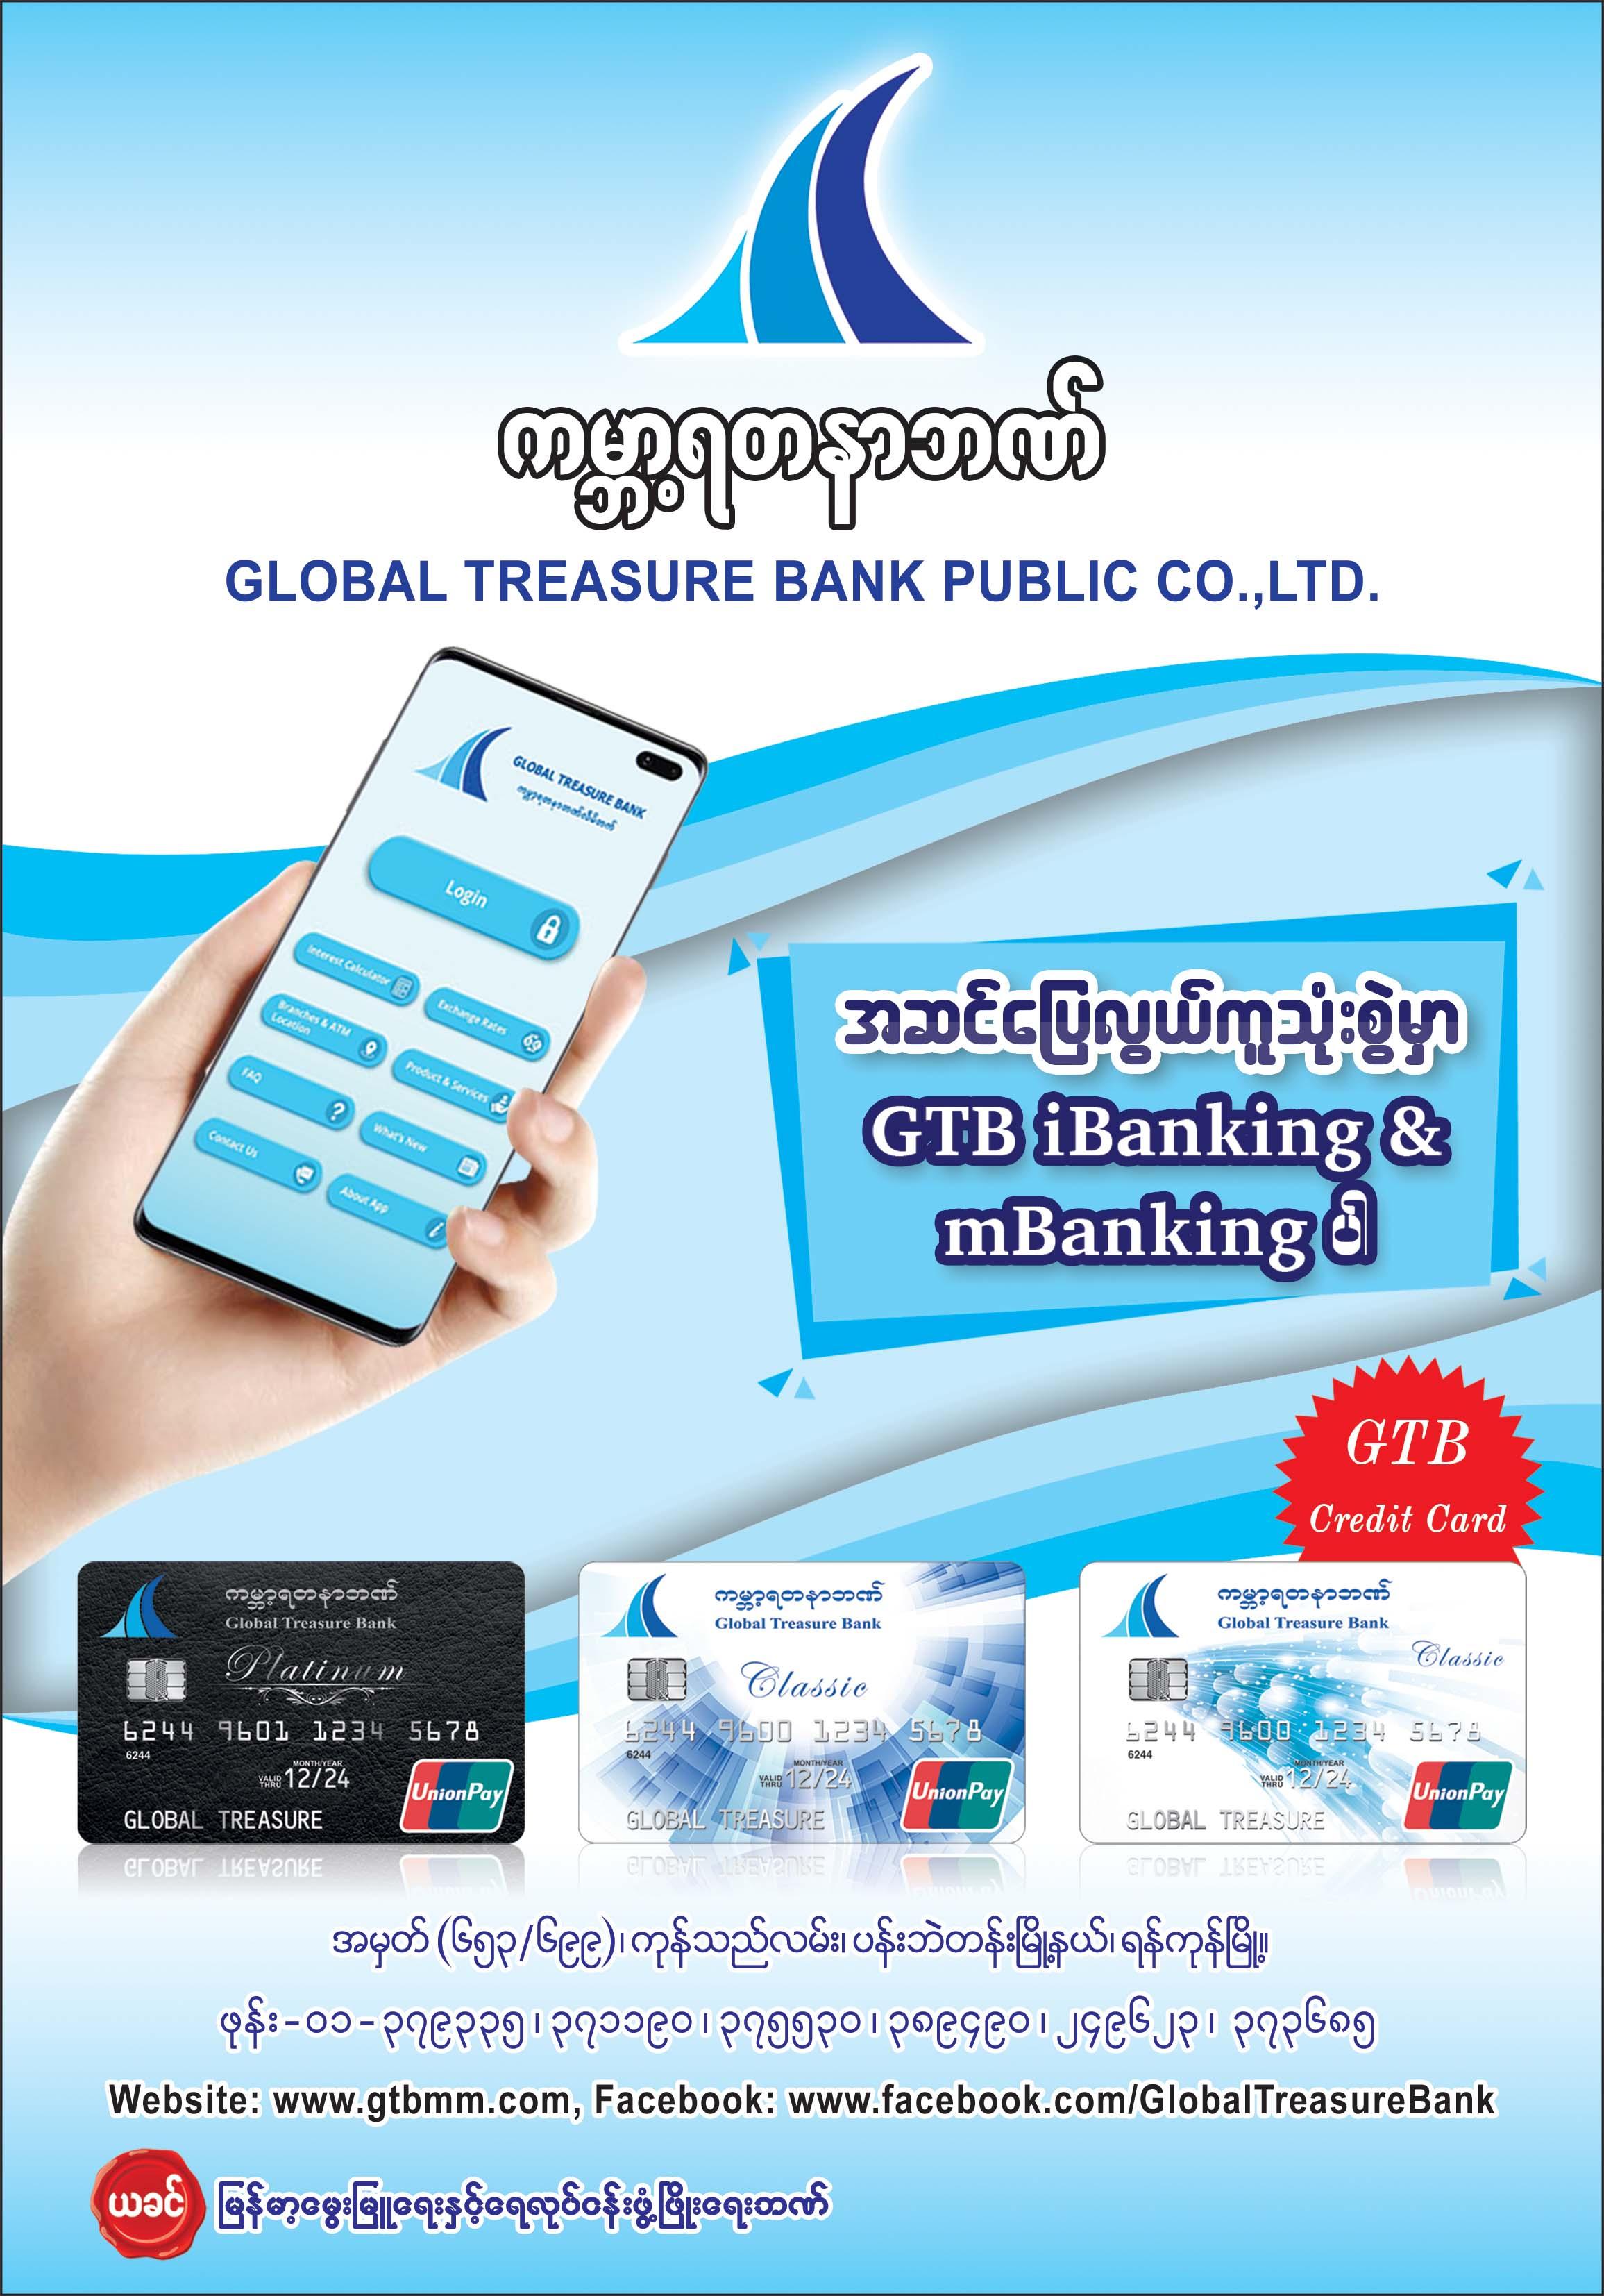 Global Treasure Bank